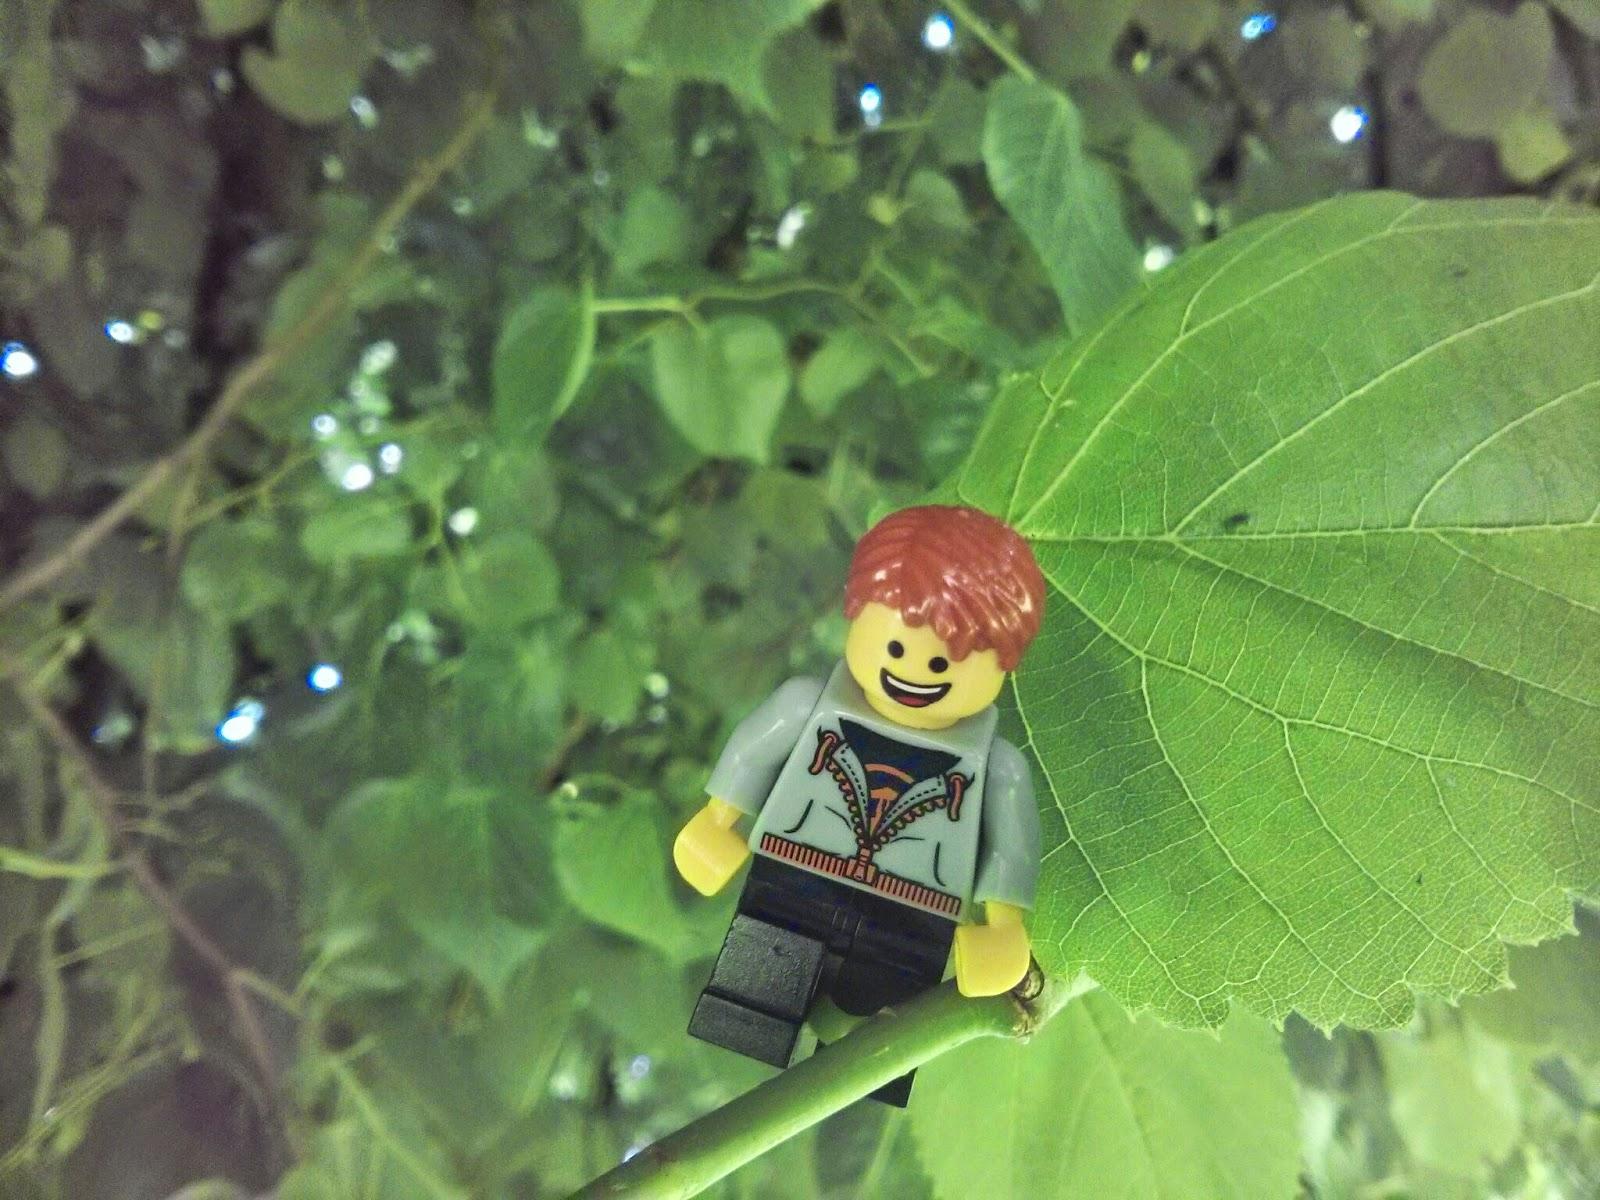 Kyle Emmett climbing a tree